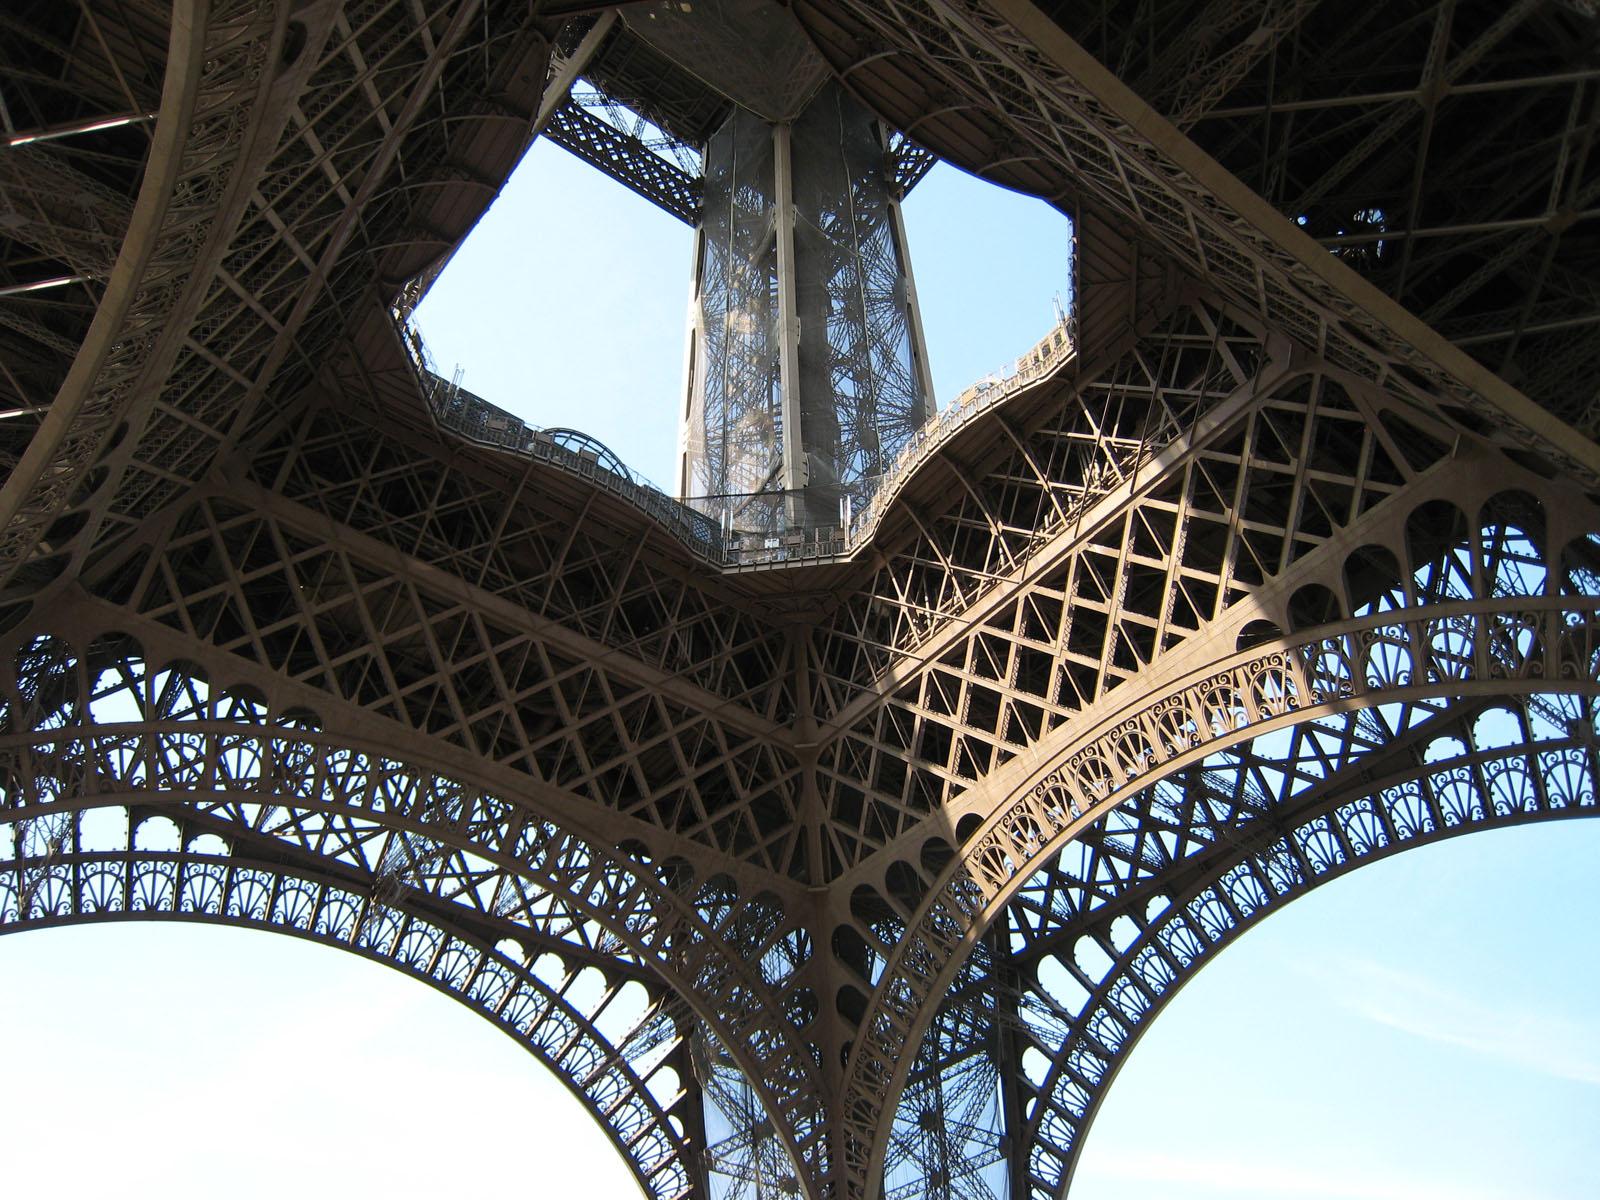 http://4.bp.blogspot.com/-AAjjCIfDT7U/Tr-CRLcaeqI/AAAAAAAAQHA/ny-KVNboNUY/s1600/099+Paris+-+Tour+Eiffel.jpg